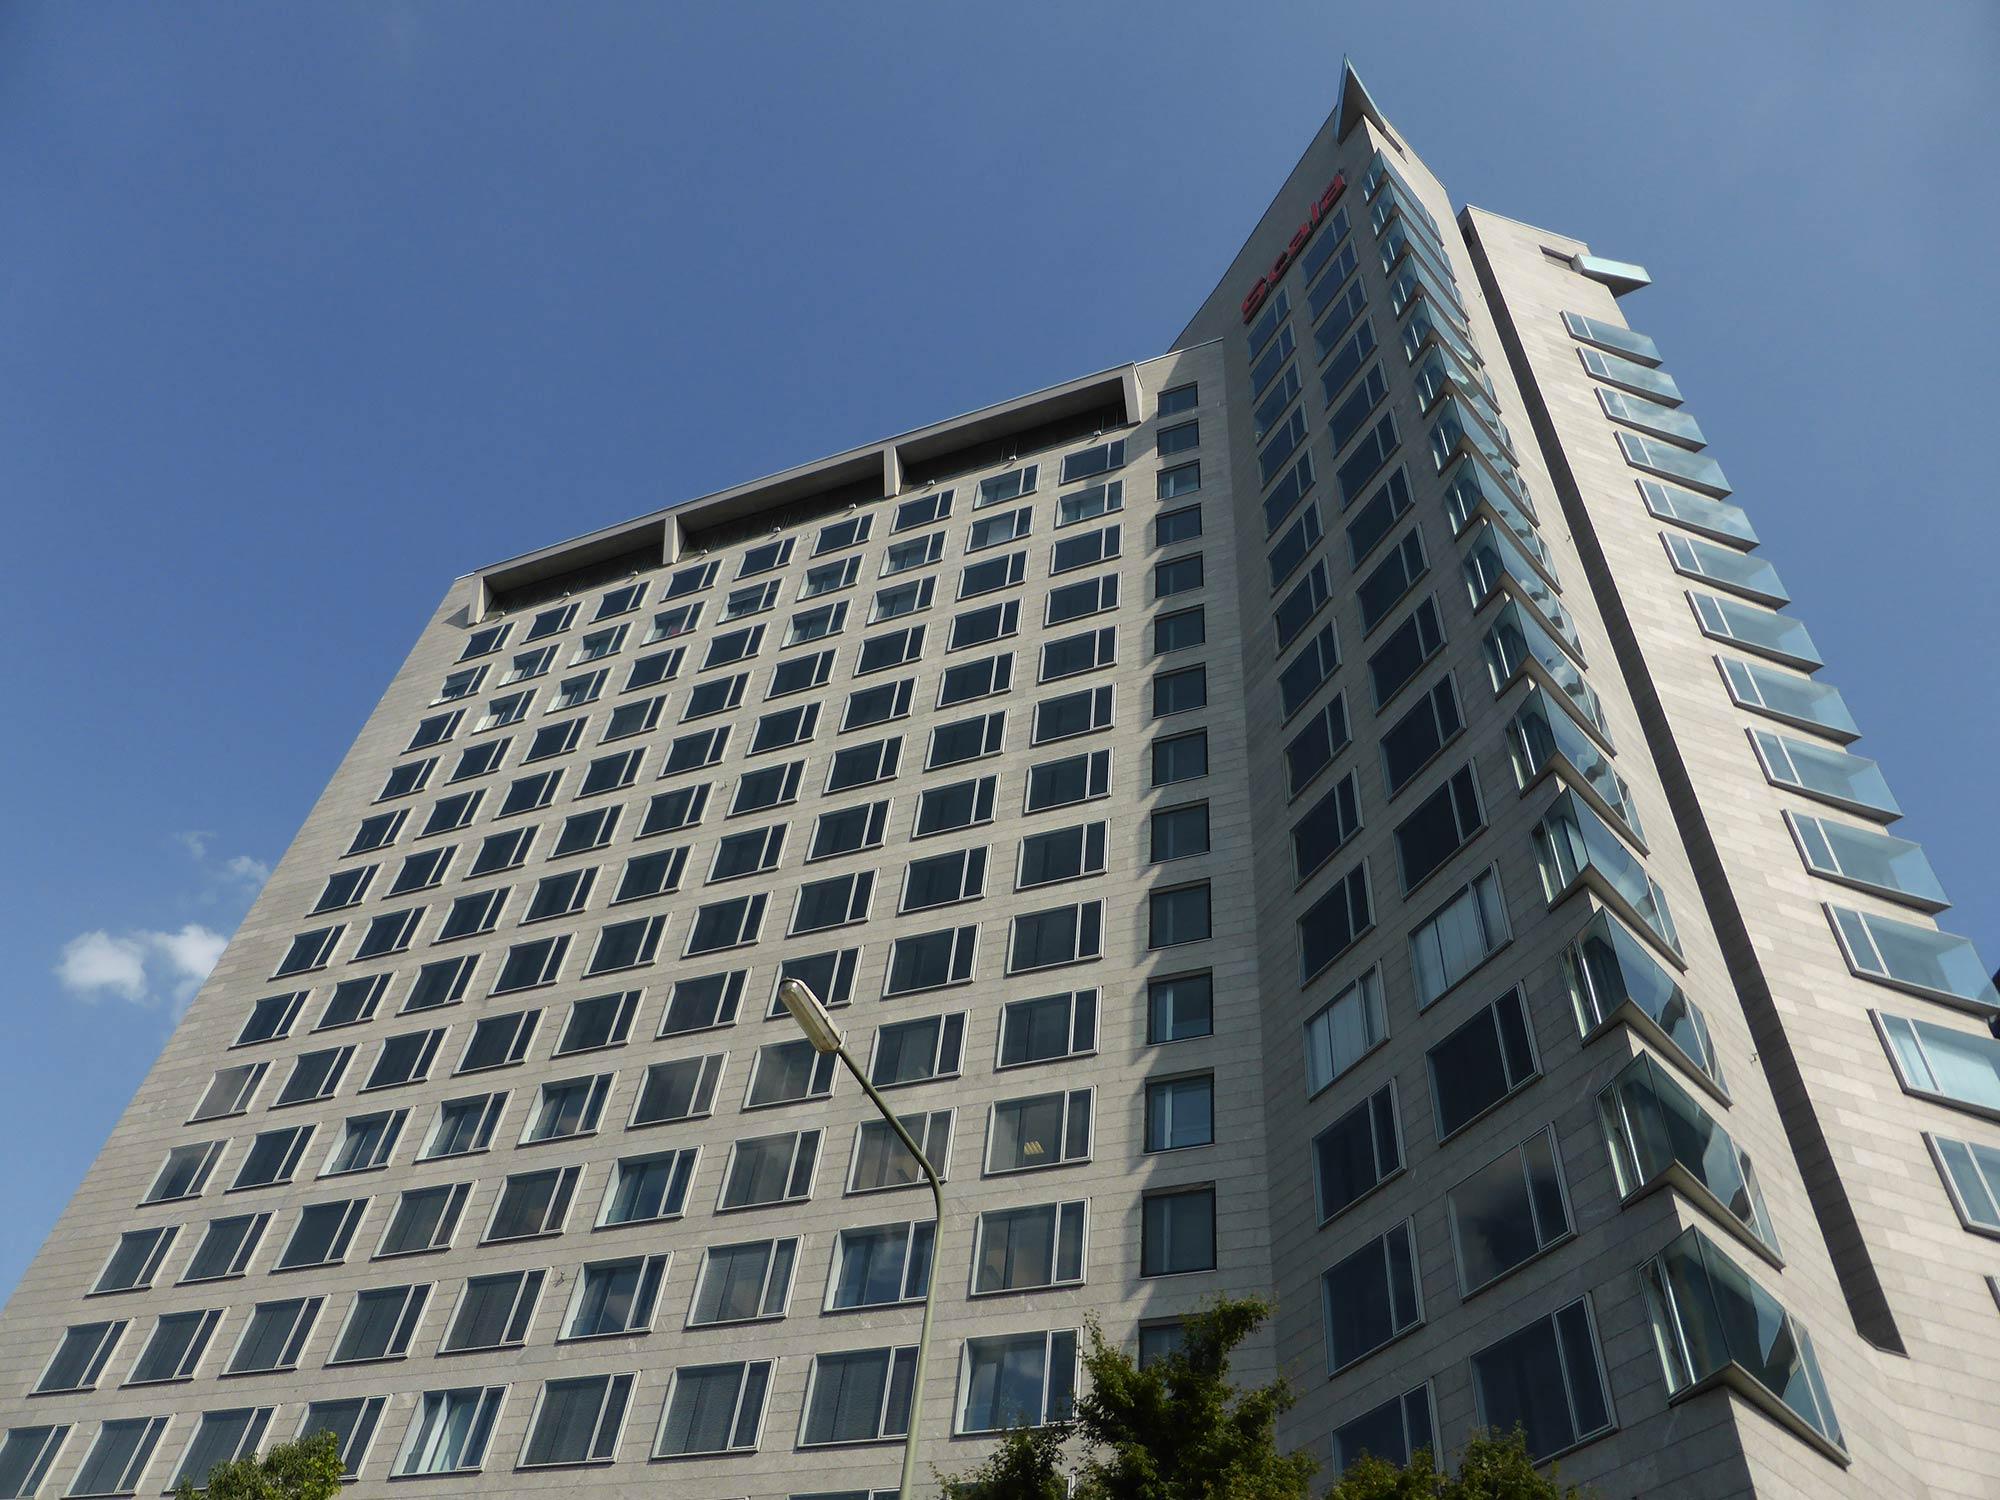 Scala West Hochhaus in Frankfurt am Main - Mäckler Architekten - Eigentümer Deka - Büros zur Miete